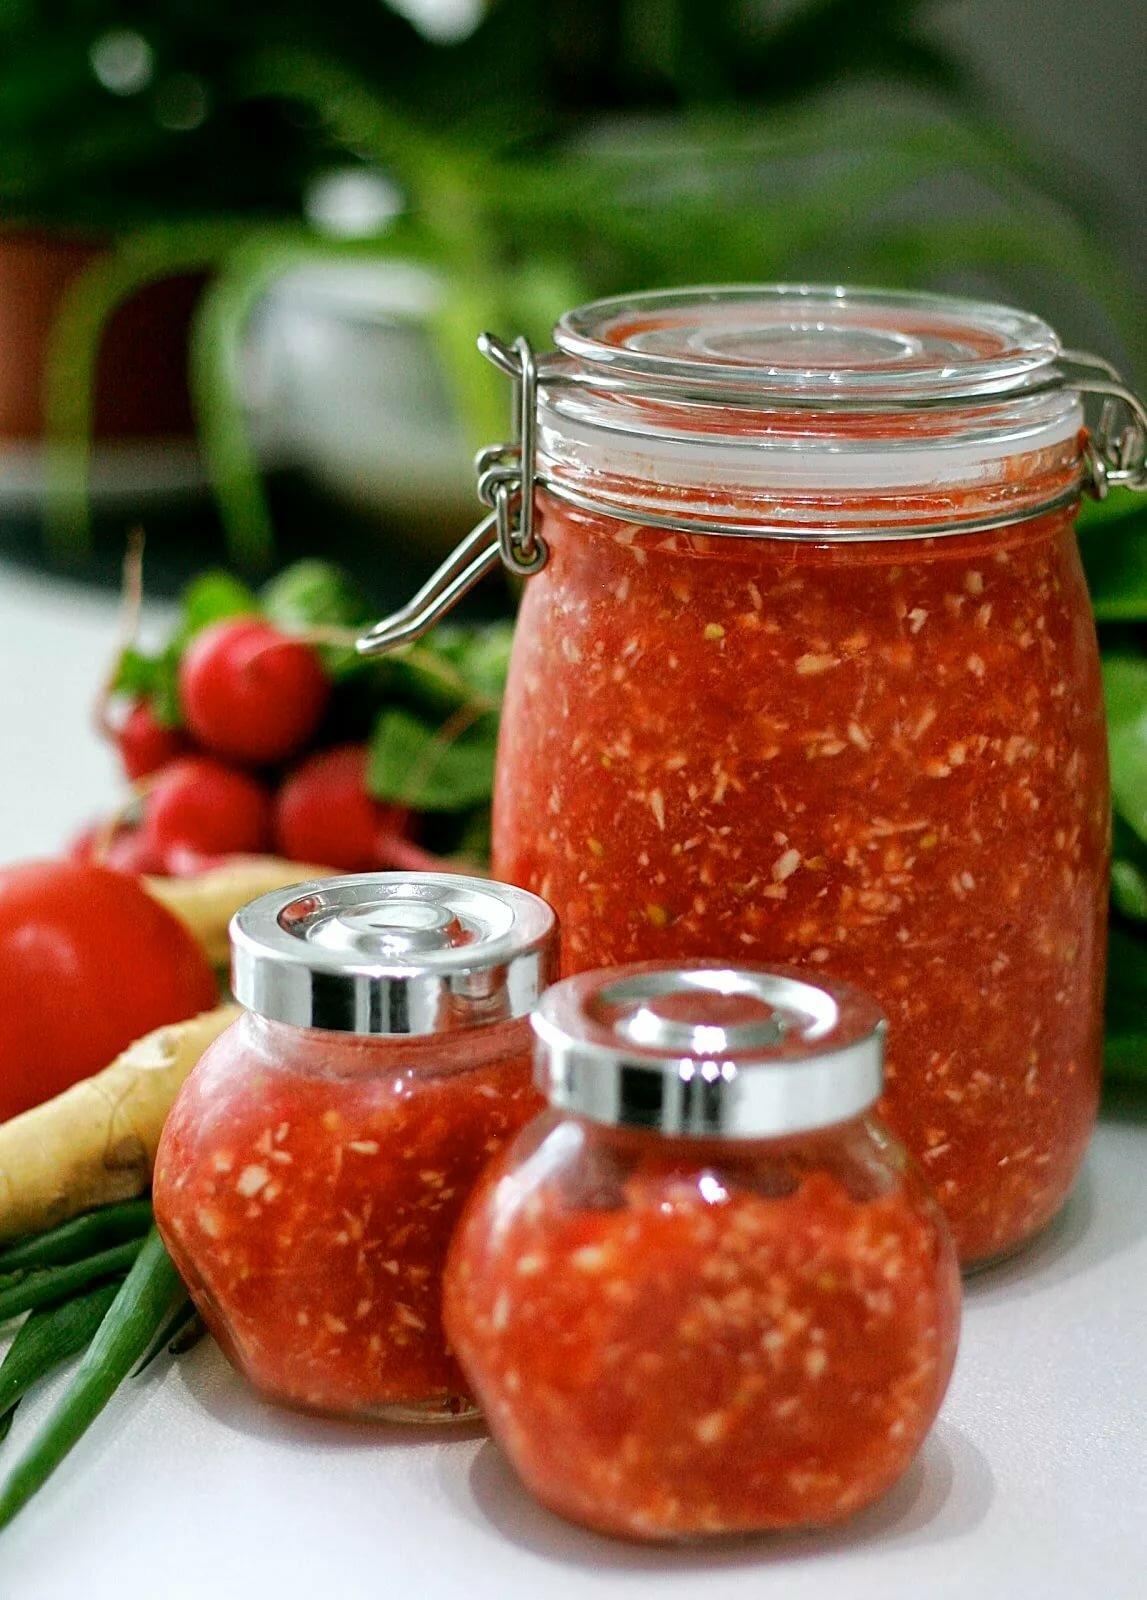 Заготовки на зиму из перца и помидоров: топ 16 рецептов приготовления консервации